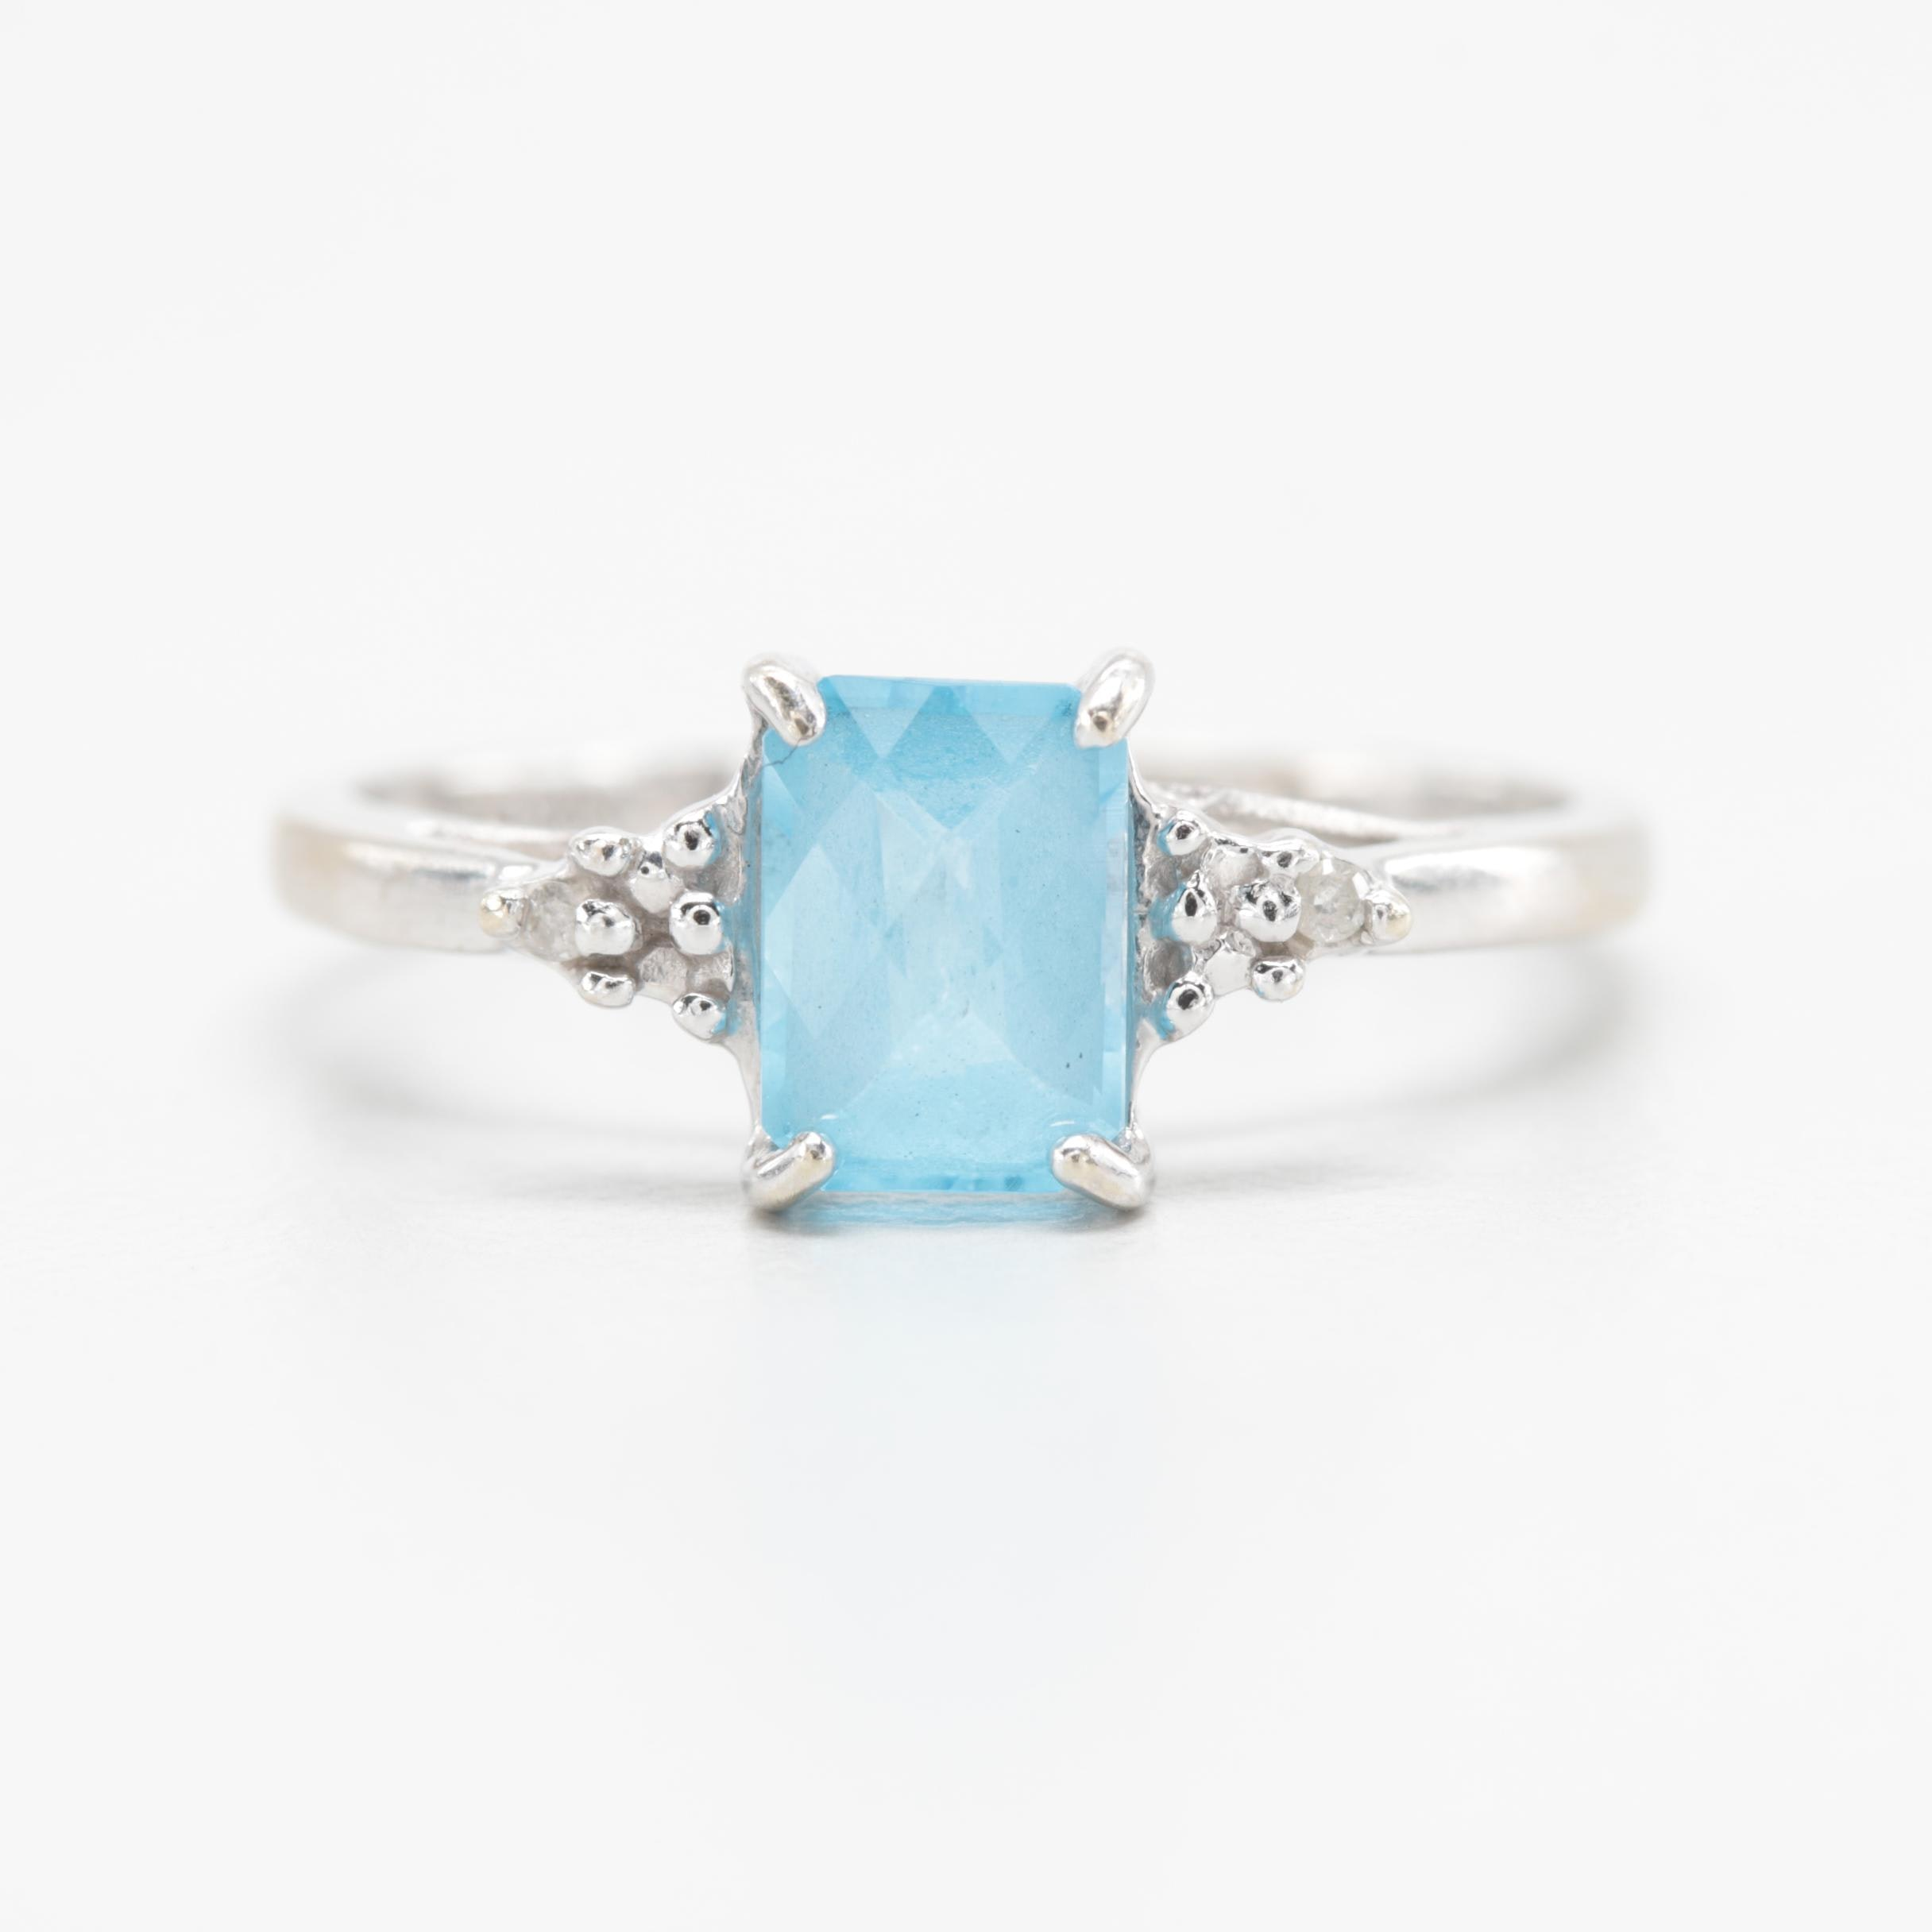 10K White Gold Blue Topaz and Diamond Ring.